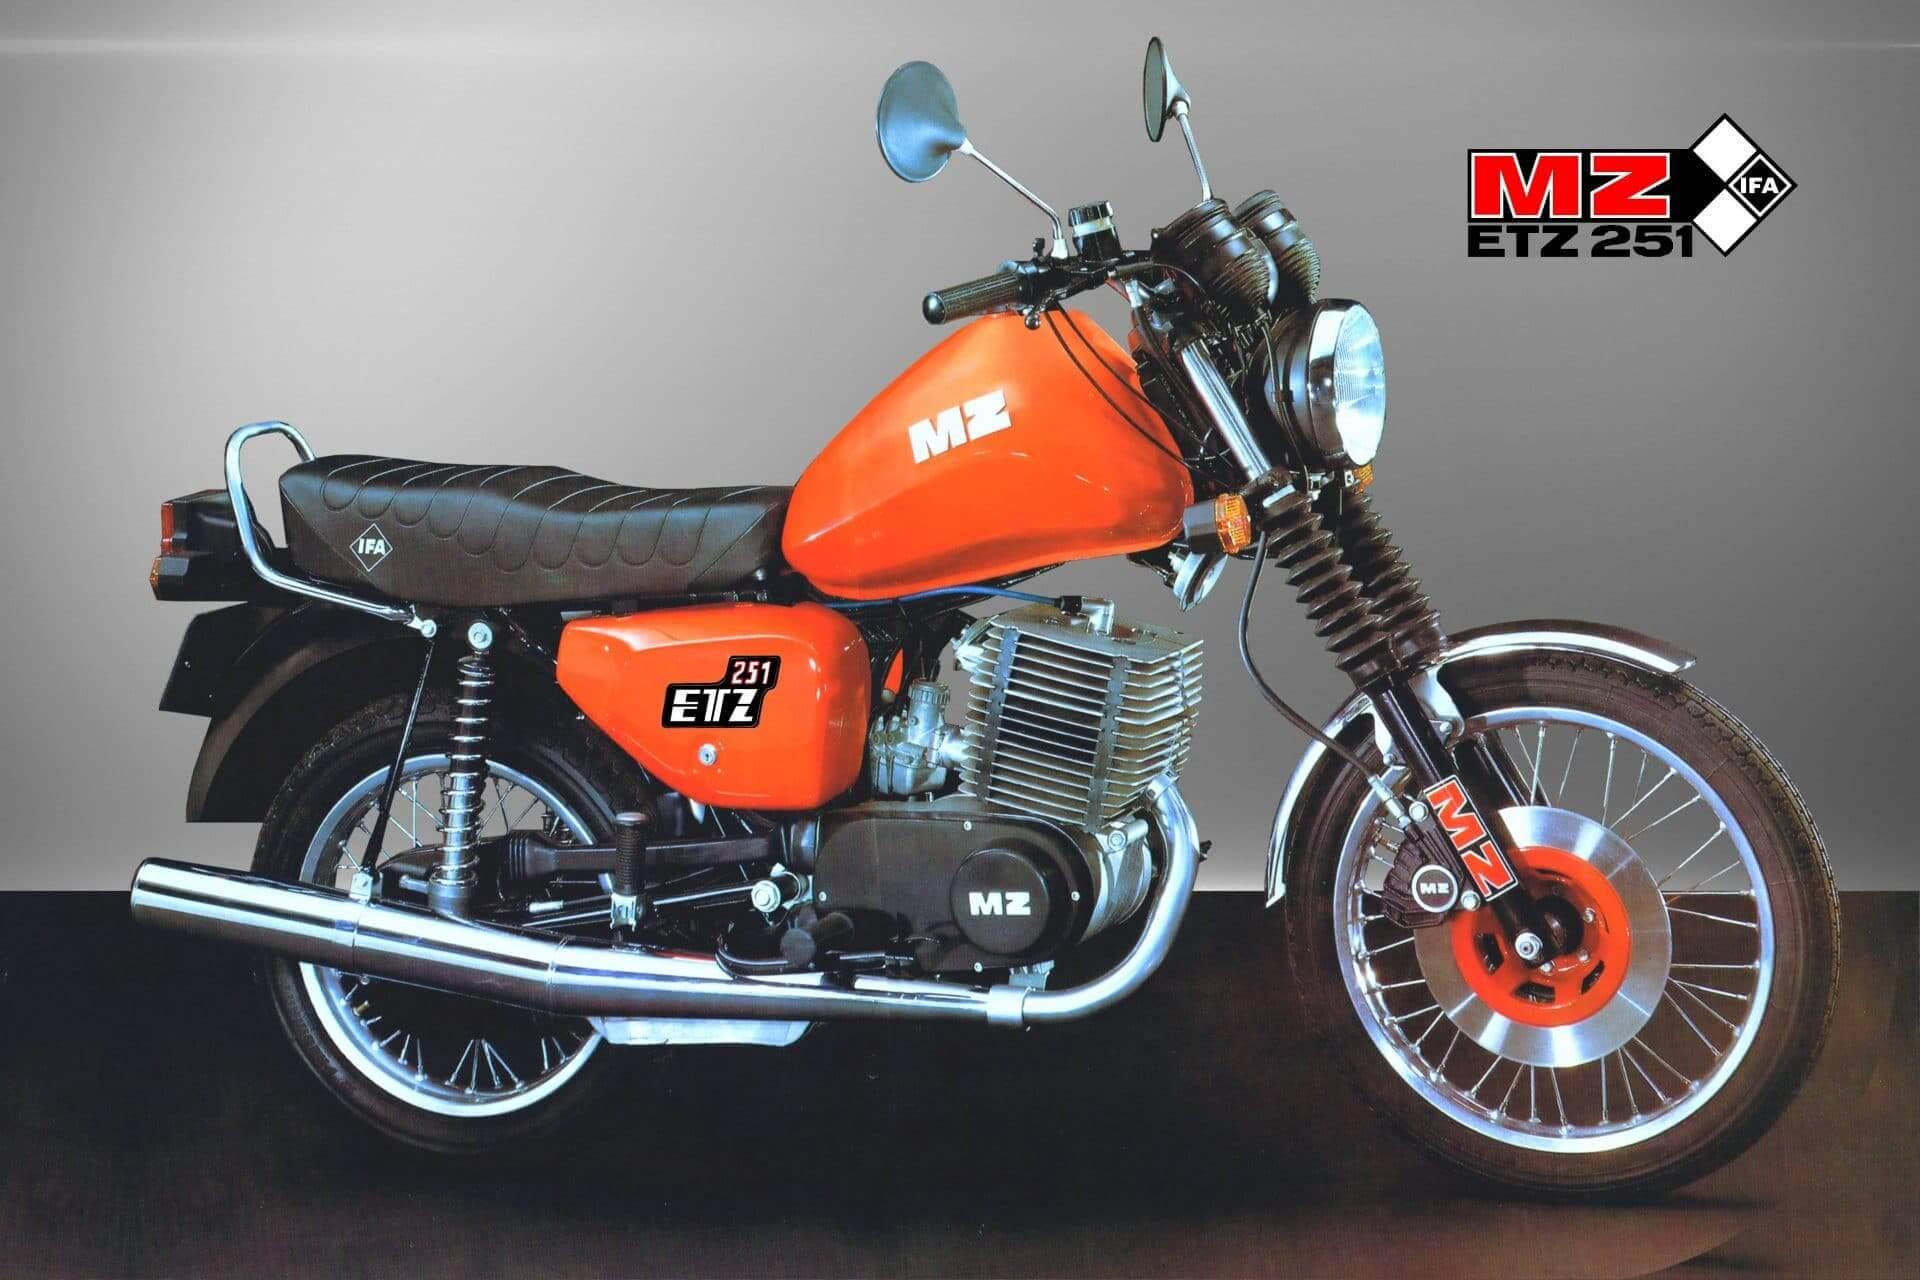 O tym motocyklu marzył każdy. Historia motocykla MZ ETZ